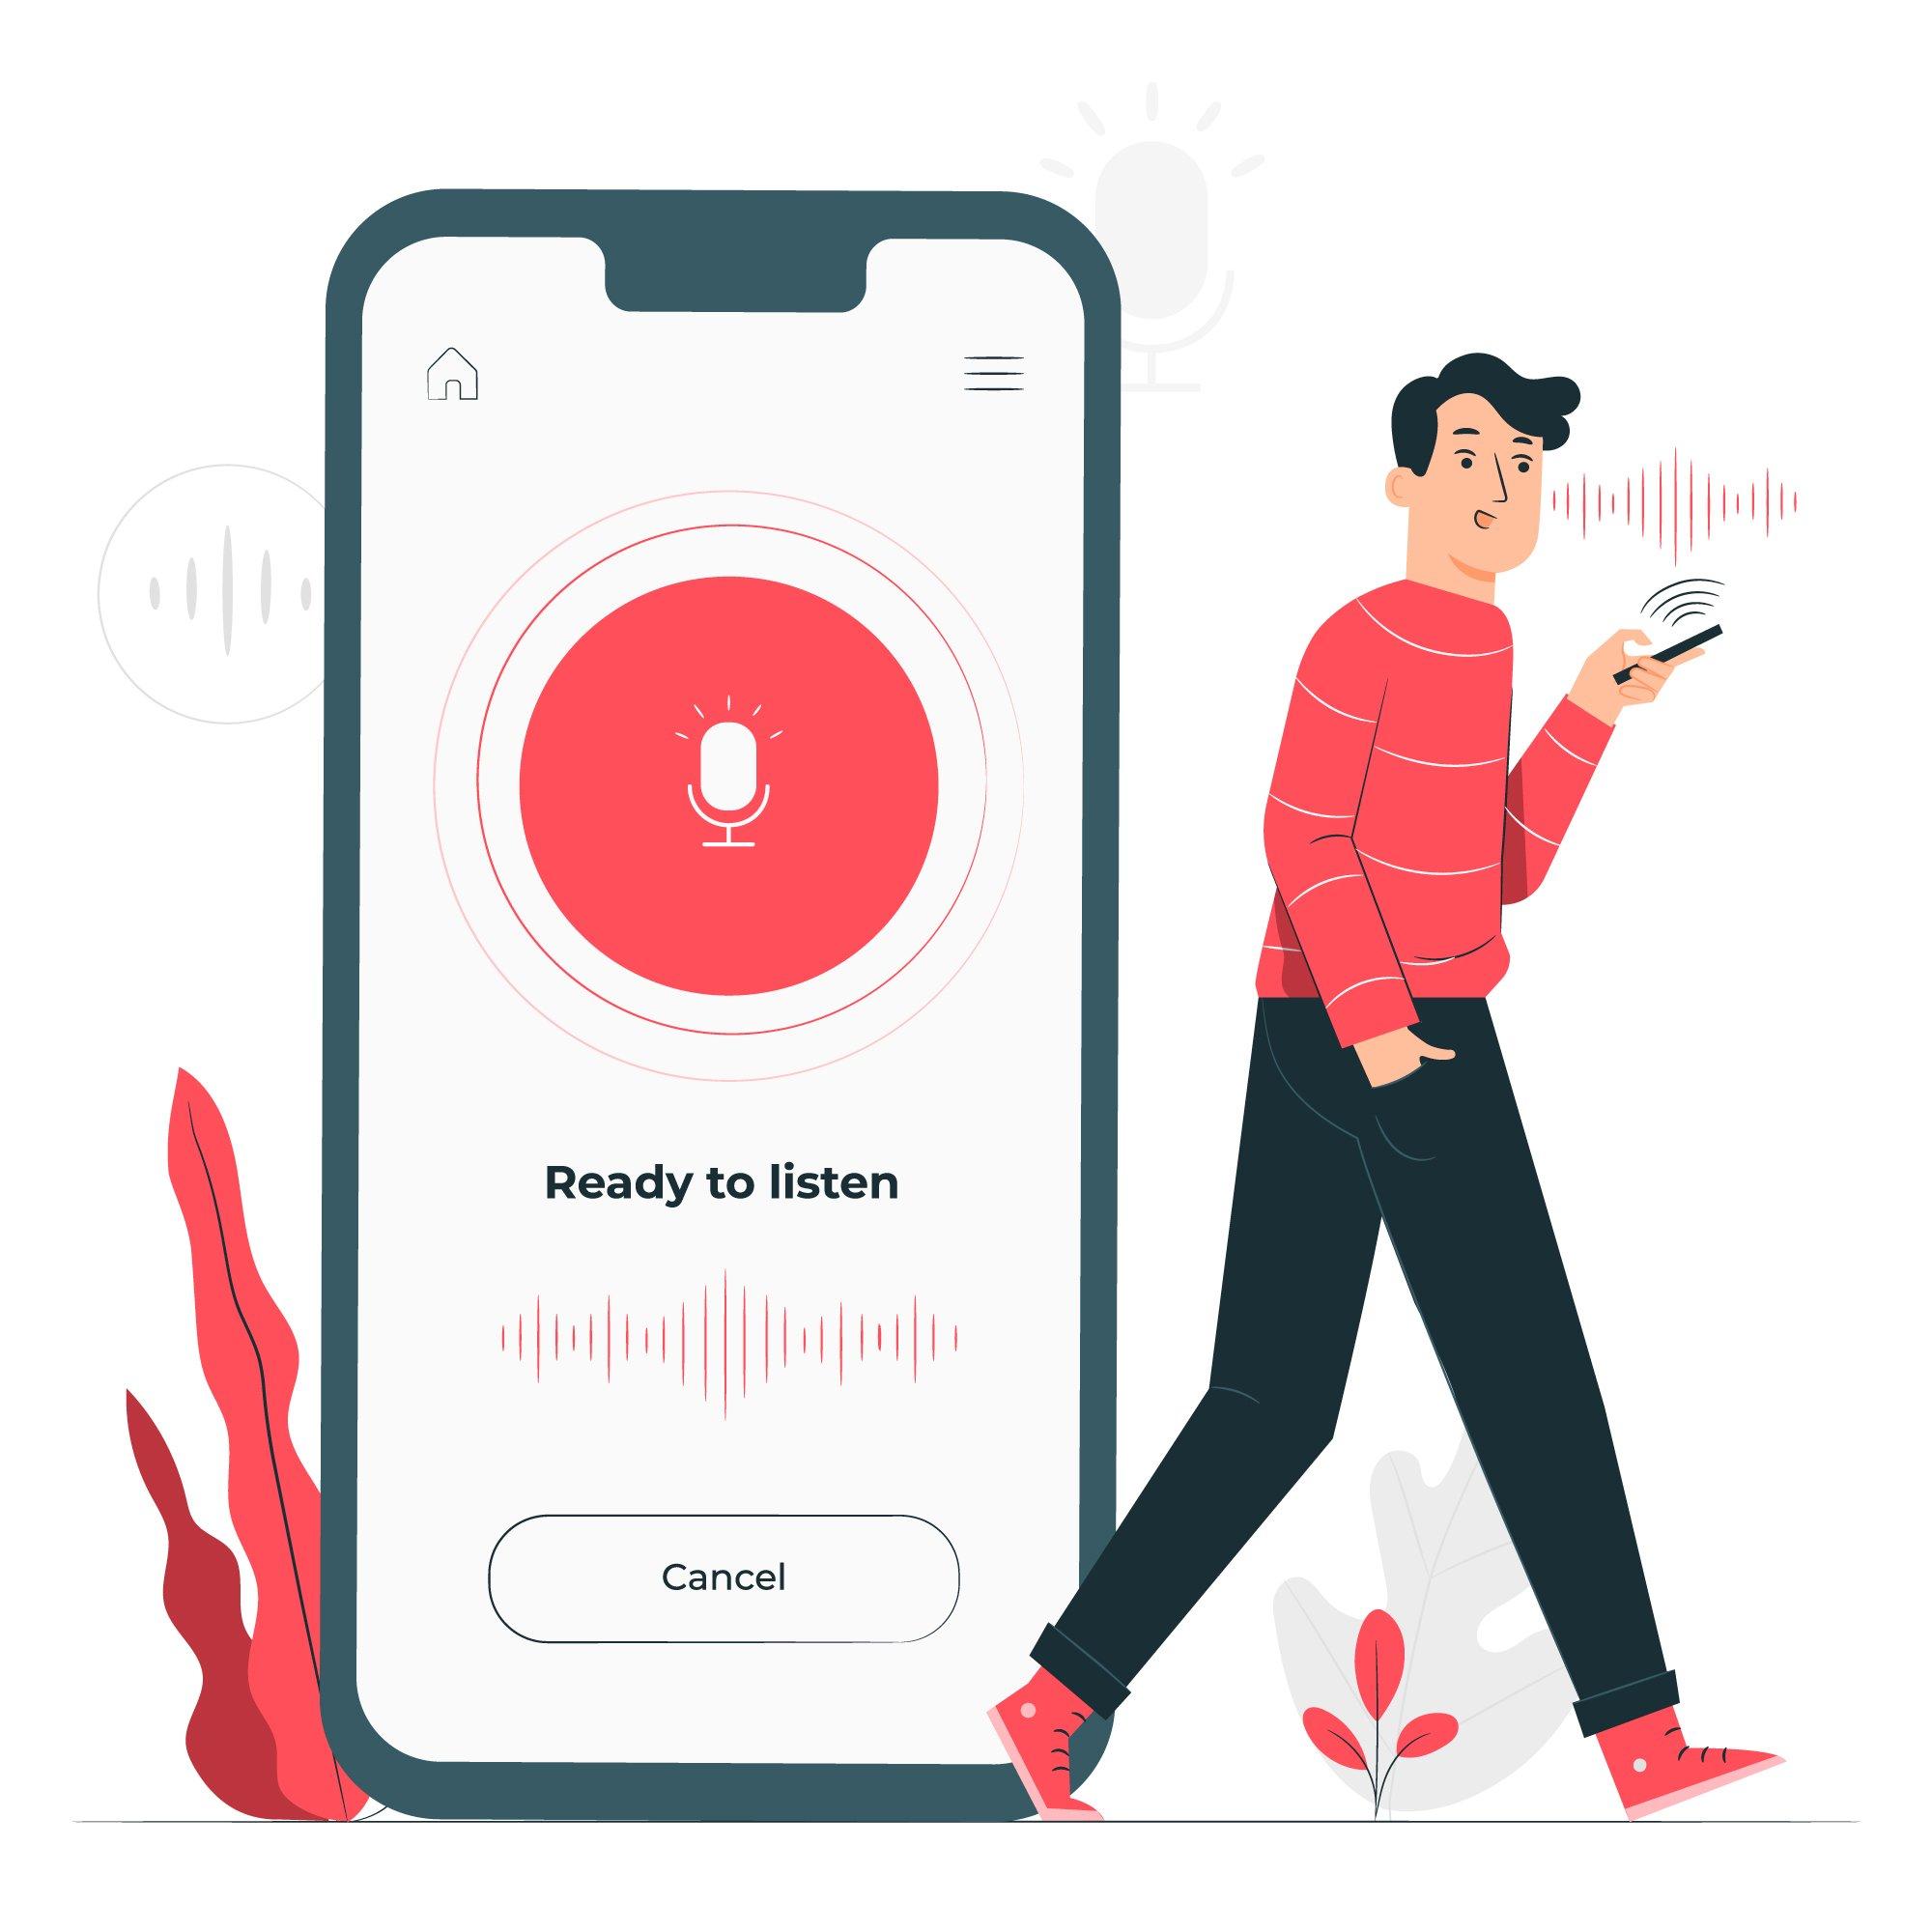 ilustración asistente de voz smartphone